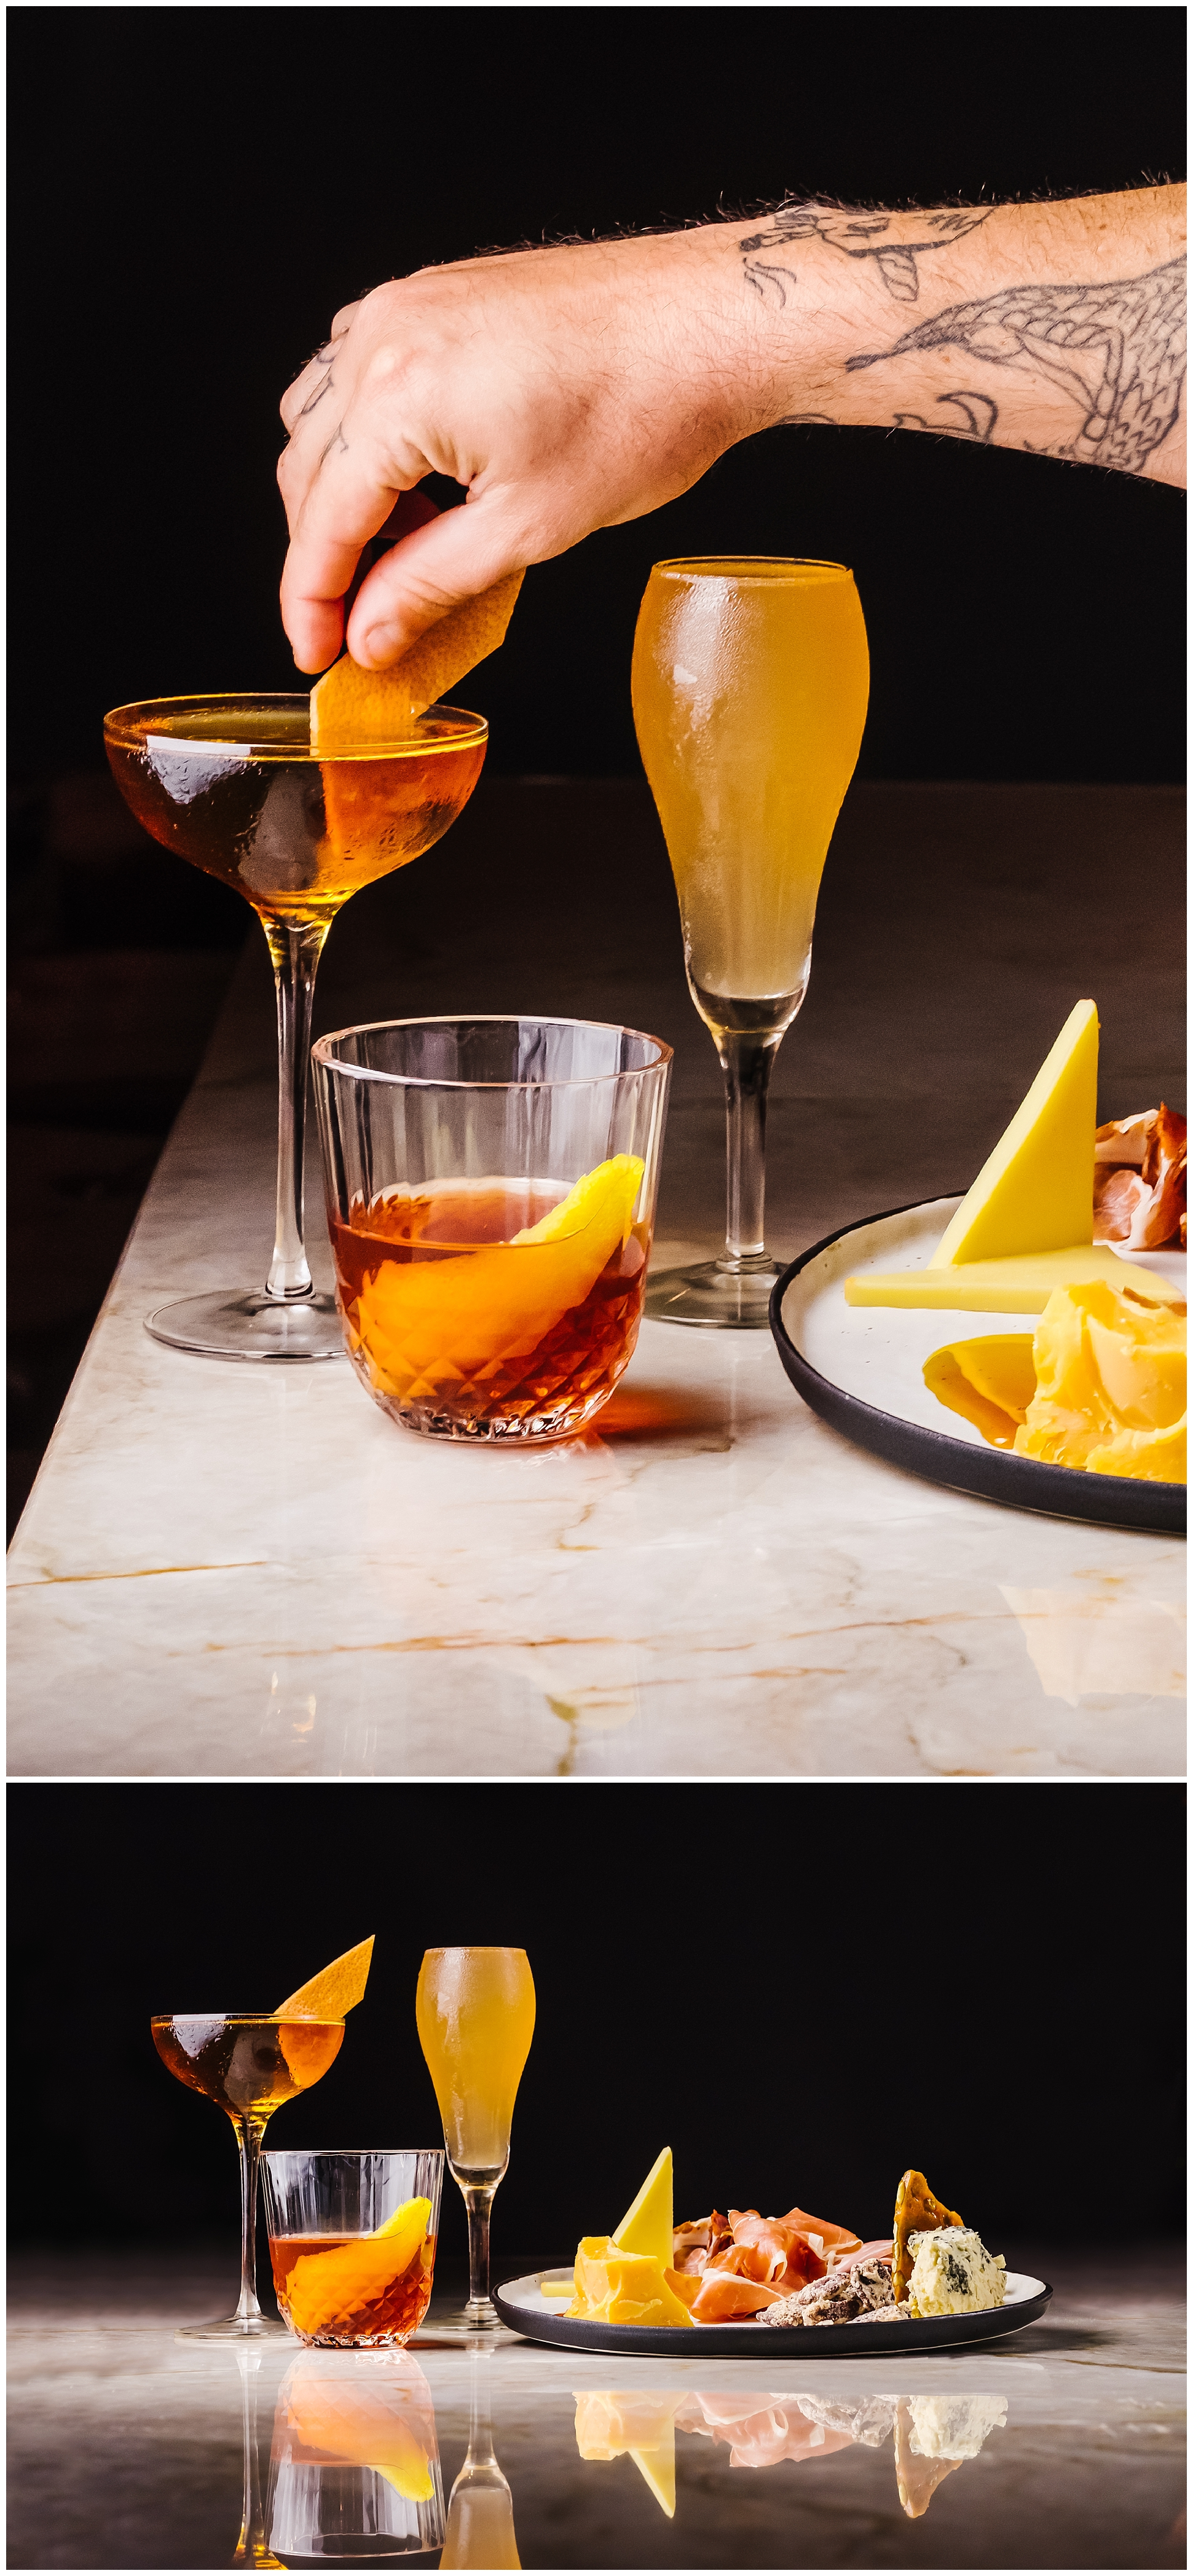 hotel-bar-food-cocktails_13.jpg